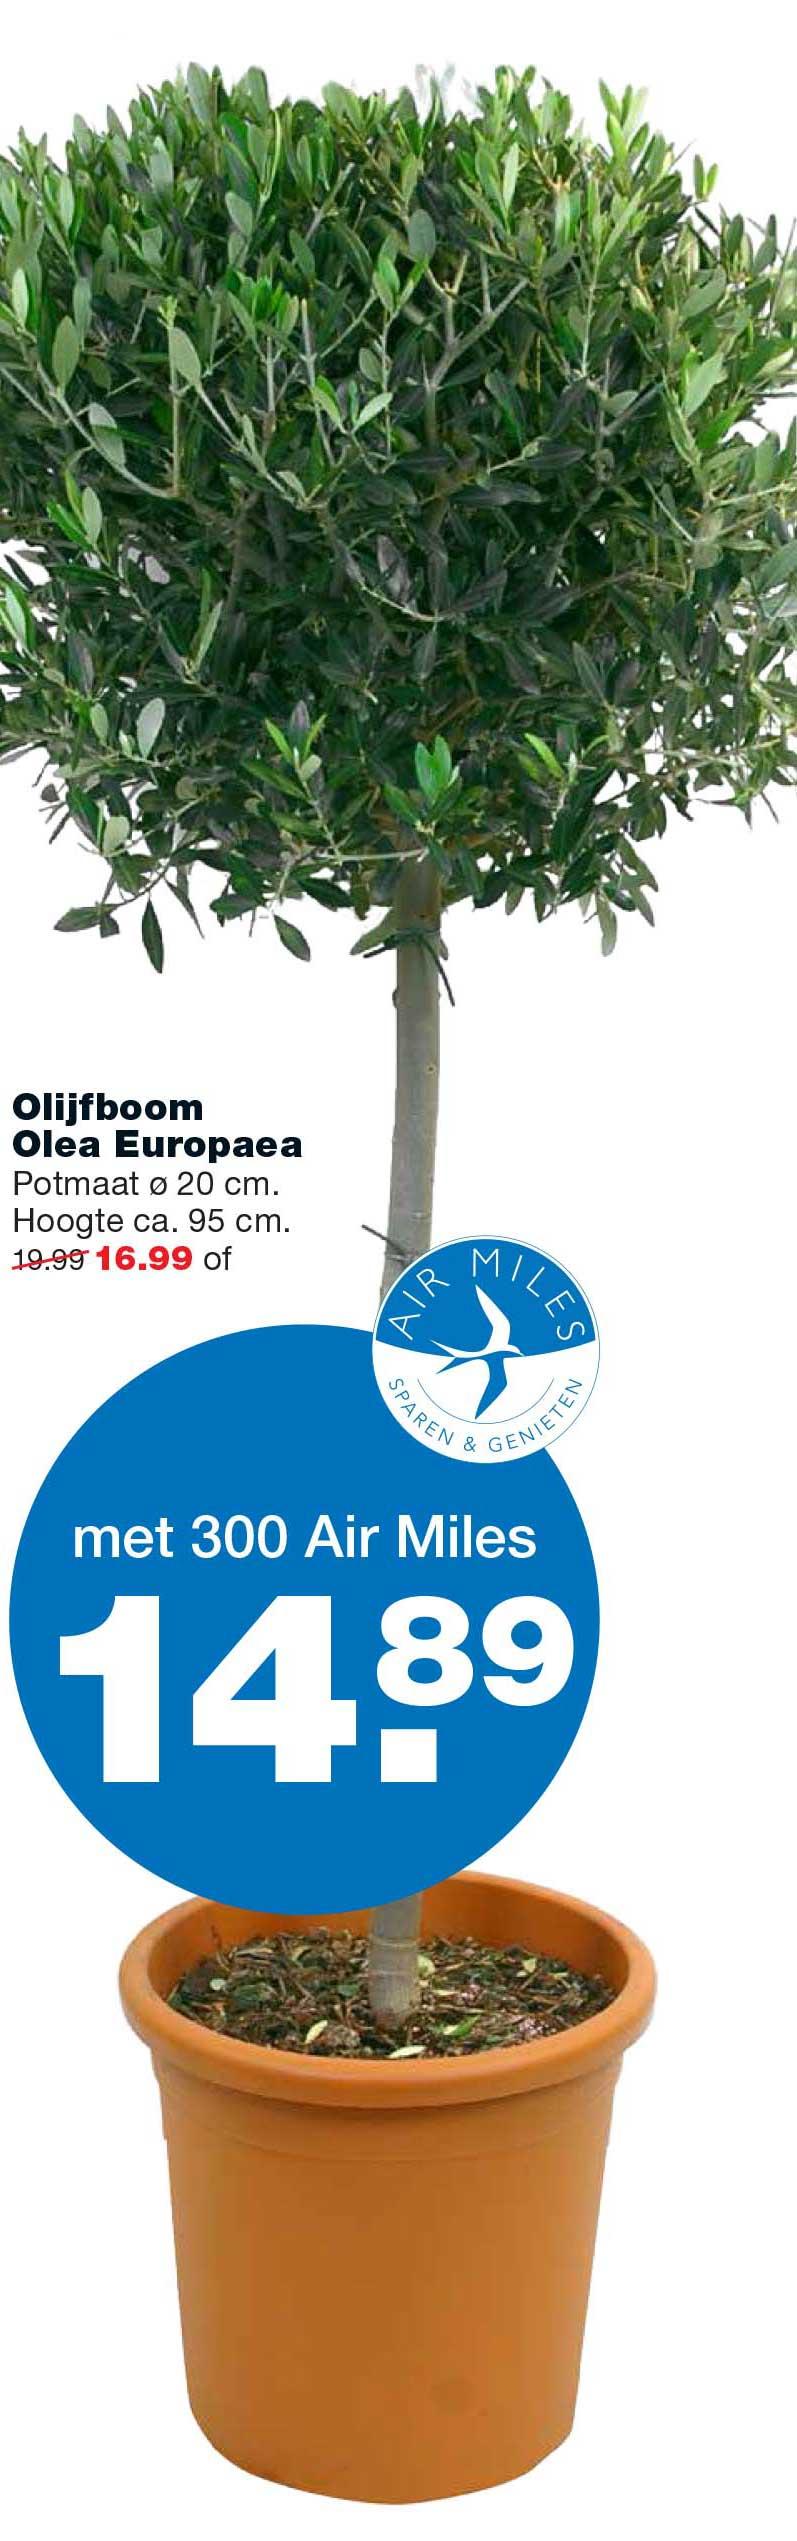 Praxis Olijfboom Olea Europaea